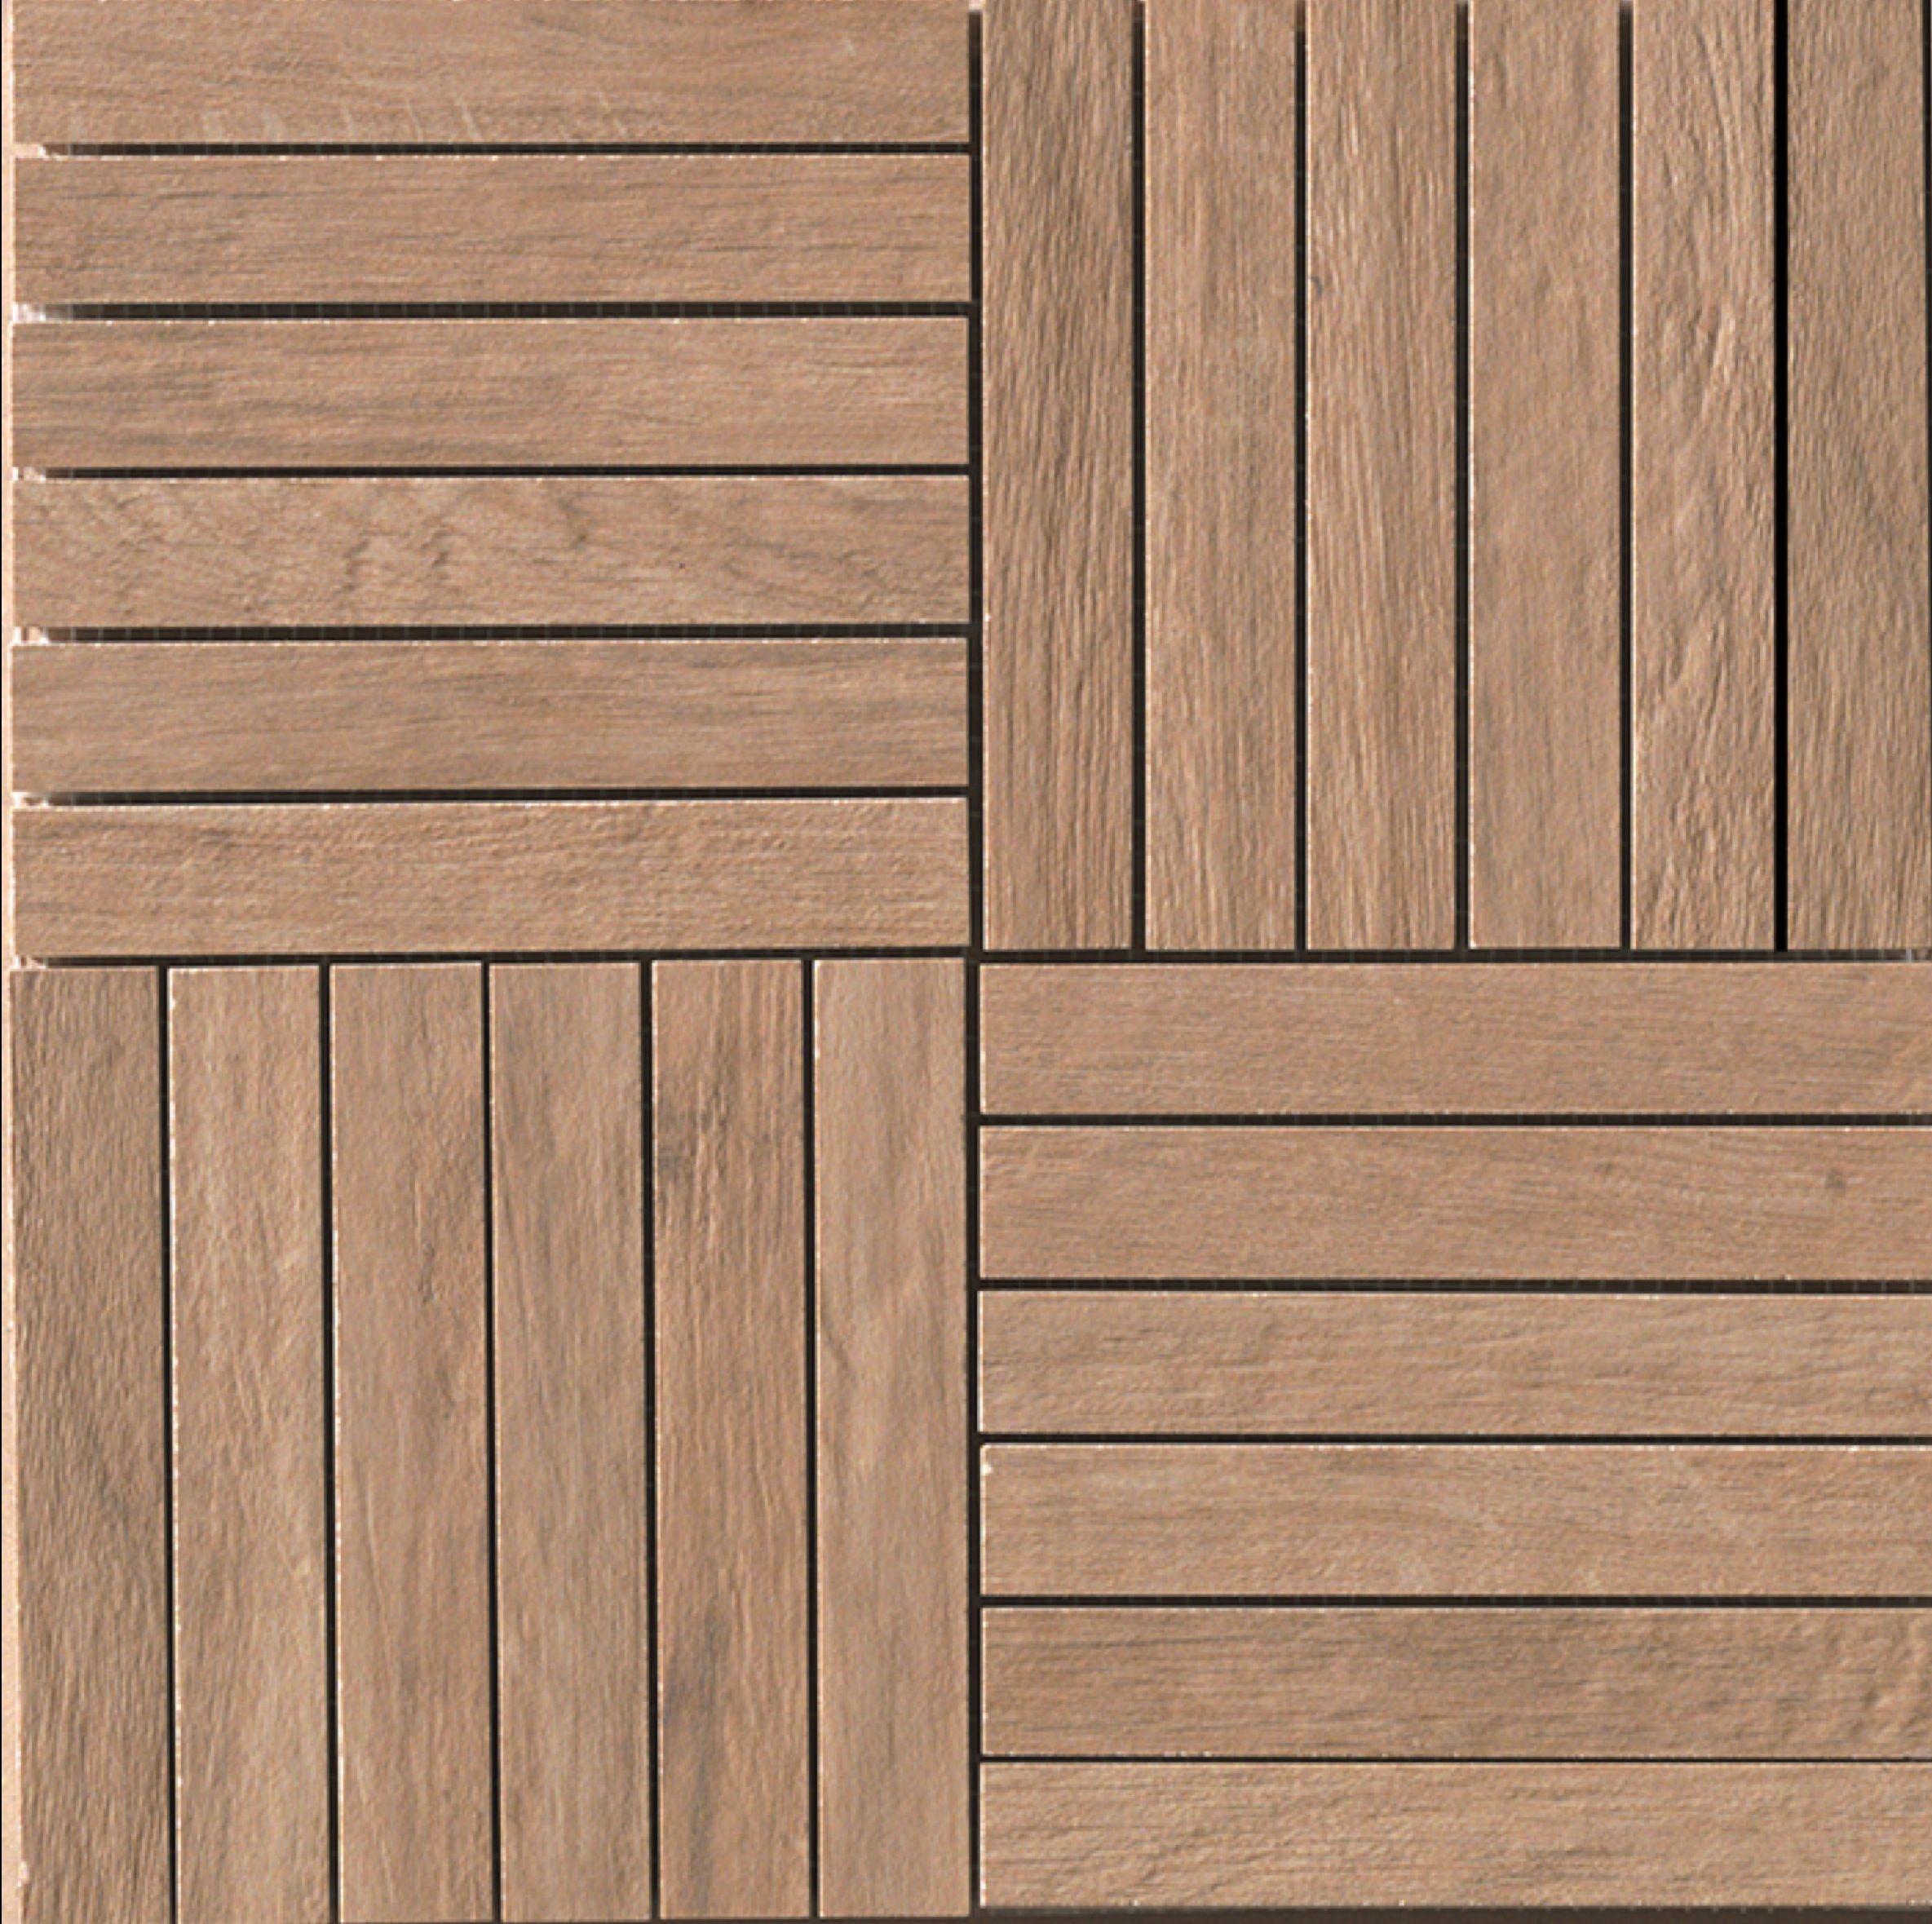 Granitoker Tavolato Http Www Casalgrandepadana It Index Cfm 1 218 0 43 Html Catalogue Granitoker Tavolato Uybg Wood Tile Texture Wood Texture Tiles Texture